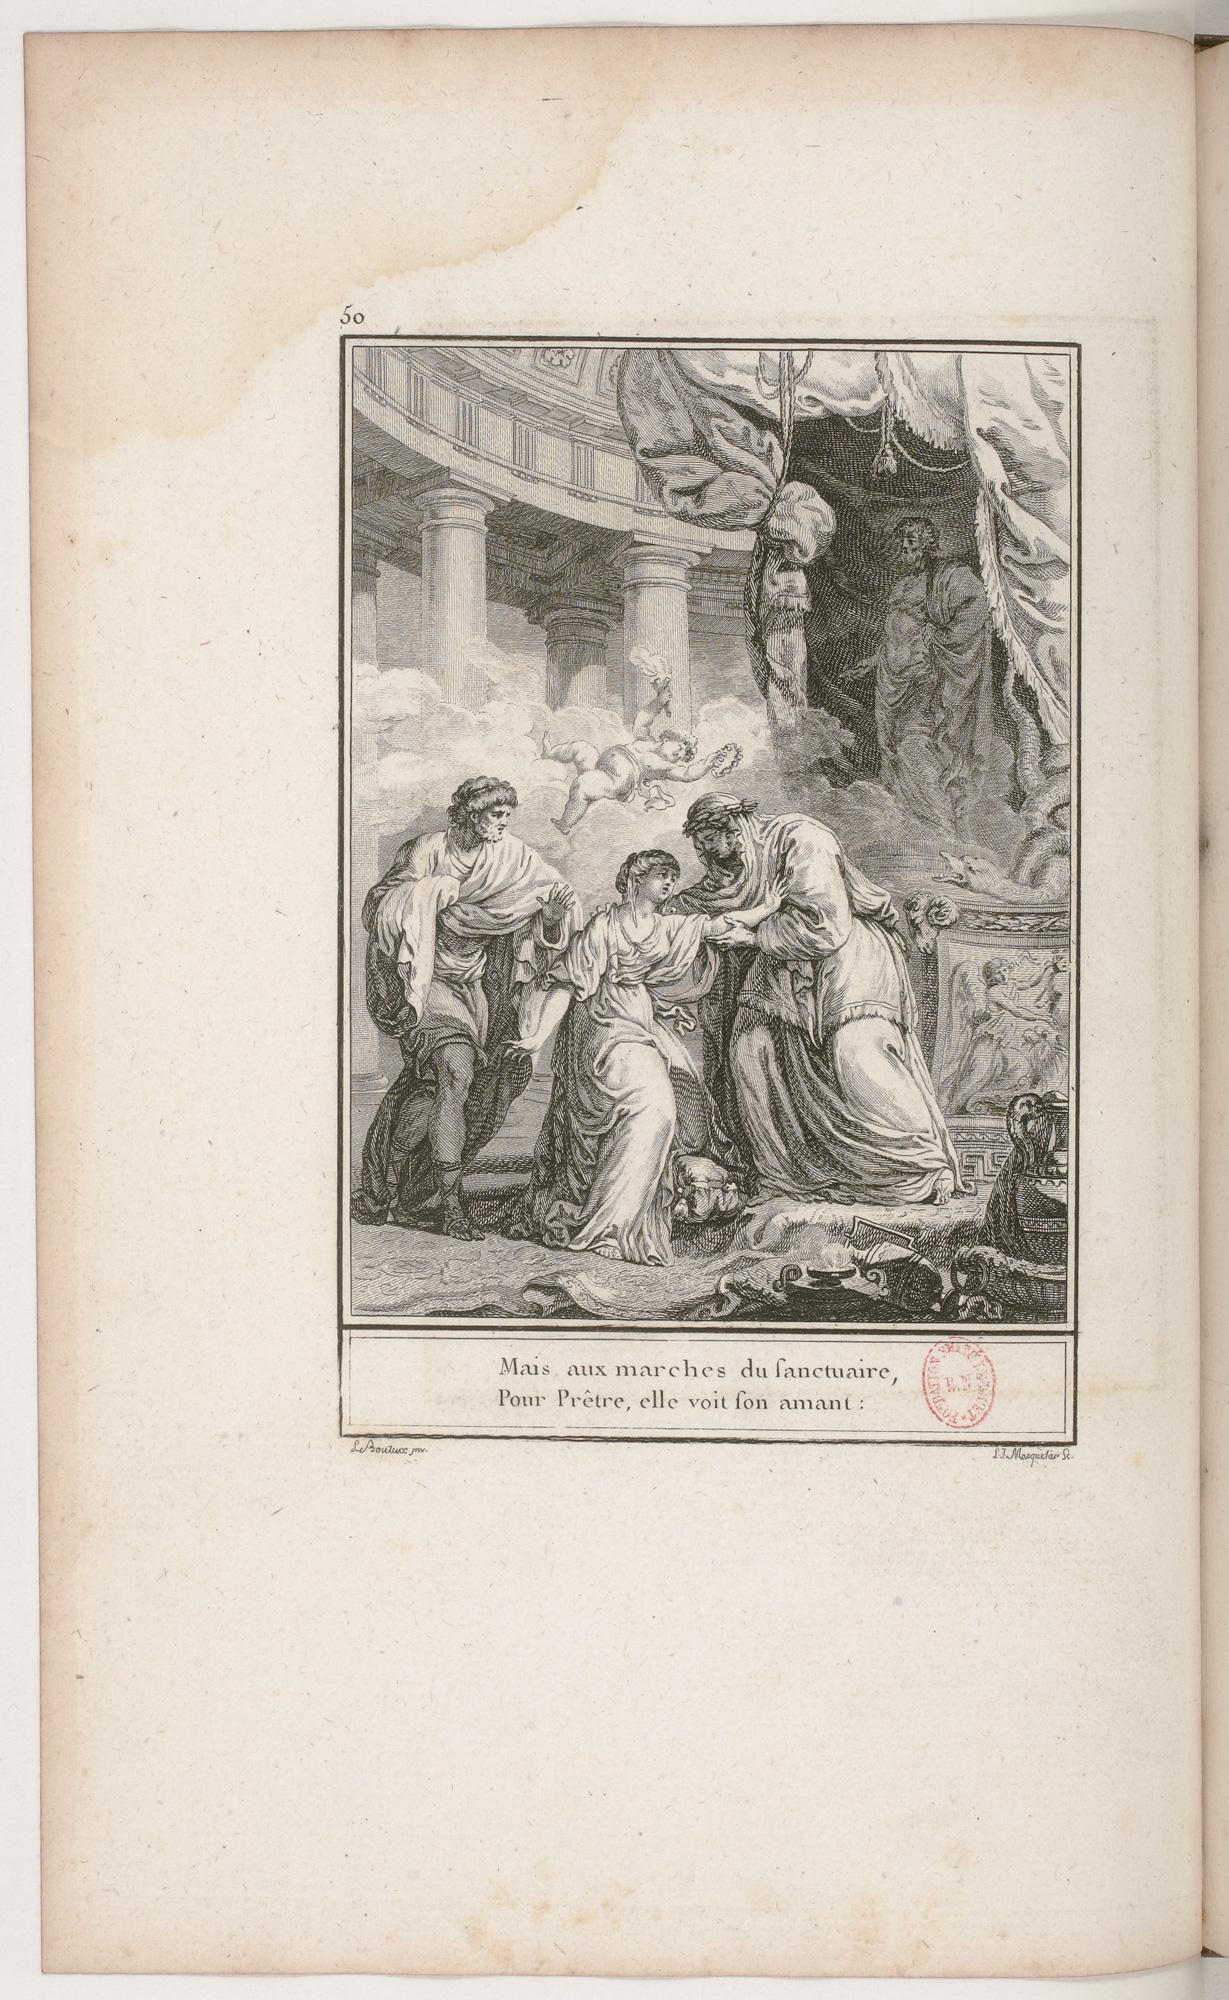 S.2.09 Le prêtre d'esculape,1772, Image